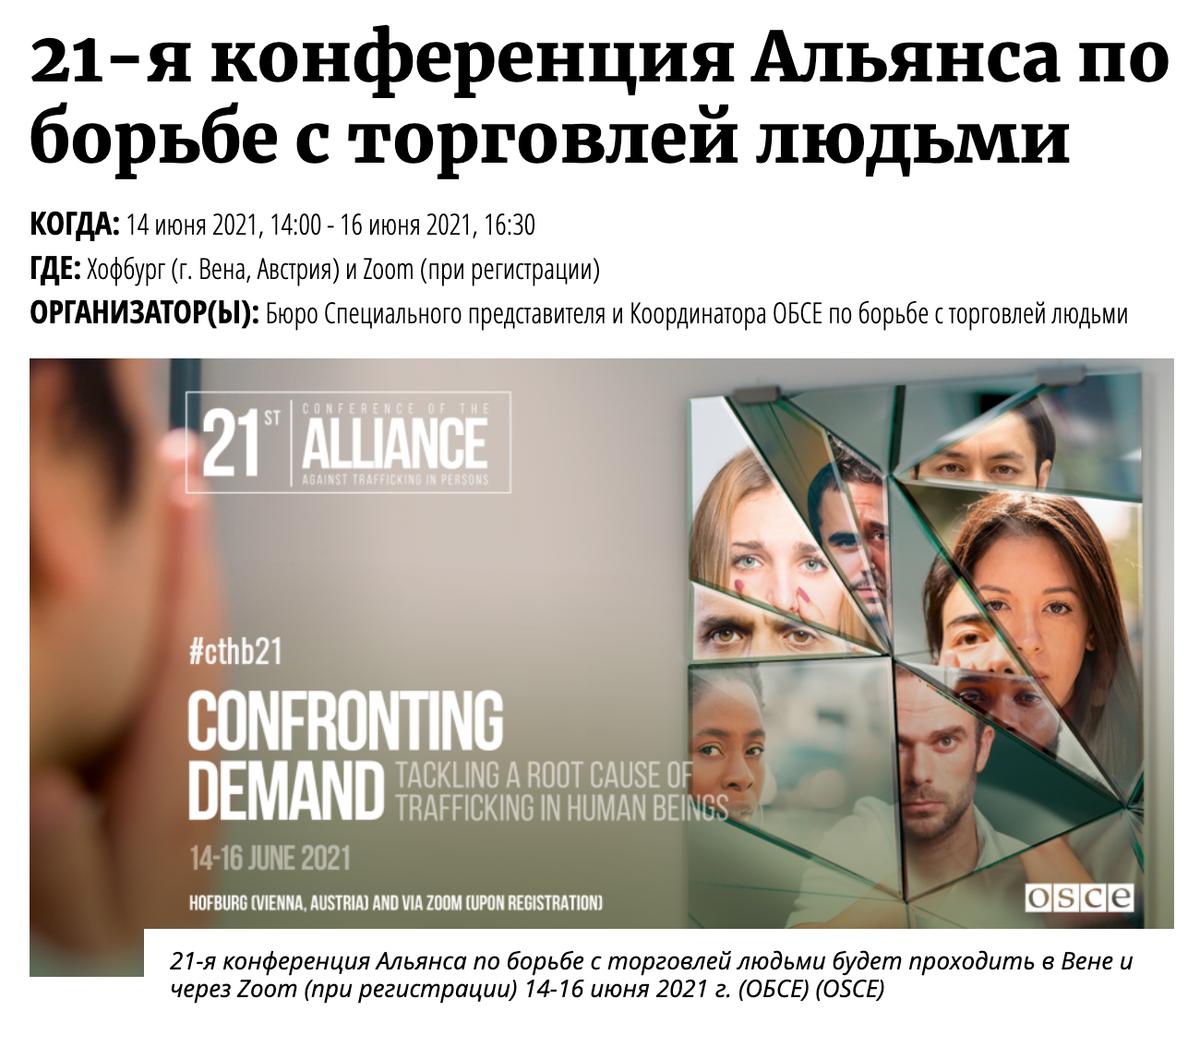 Организации выкладывают на сайтах объявления о том, что скоро будет международная конференция. Во время пандемии во многих можно участвовать онлайн. Это объявление с сайта ОБСЕ